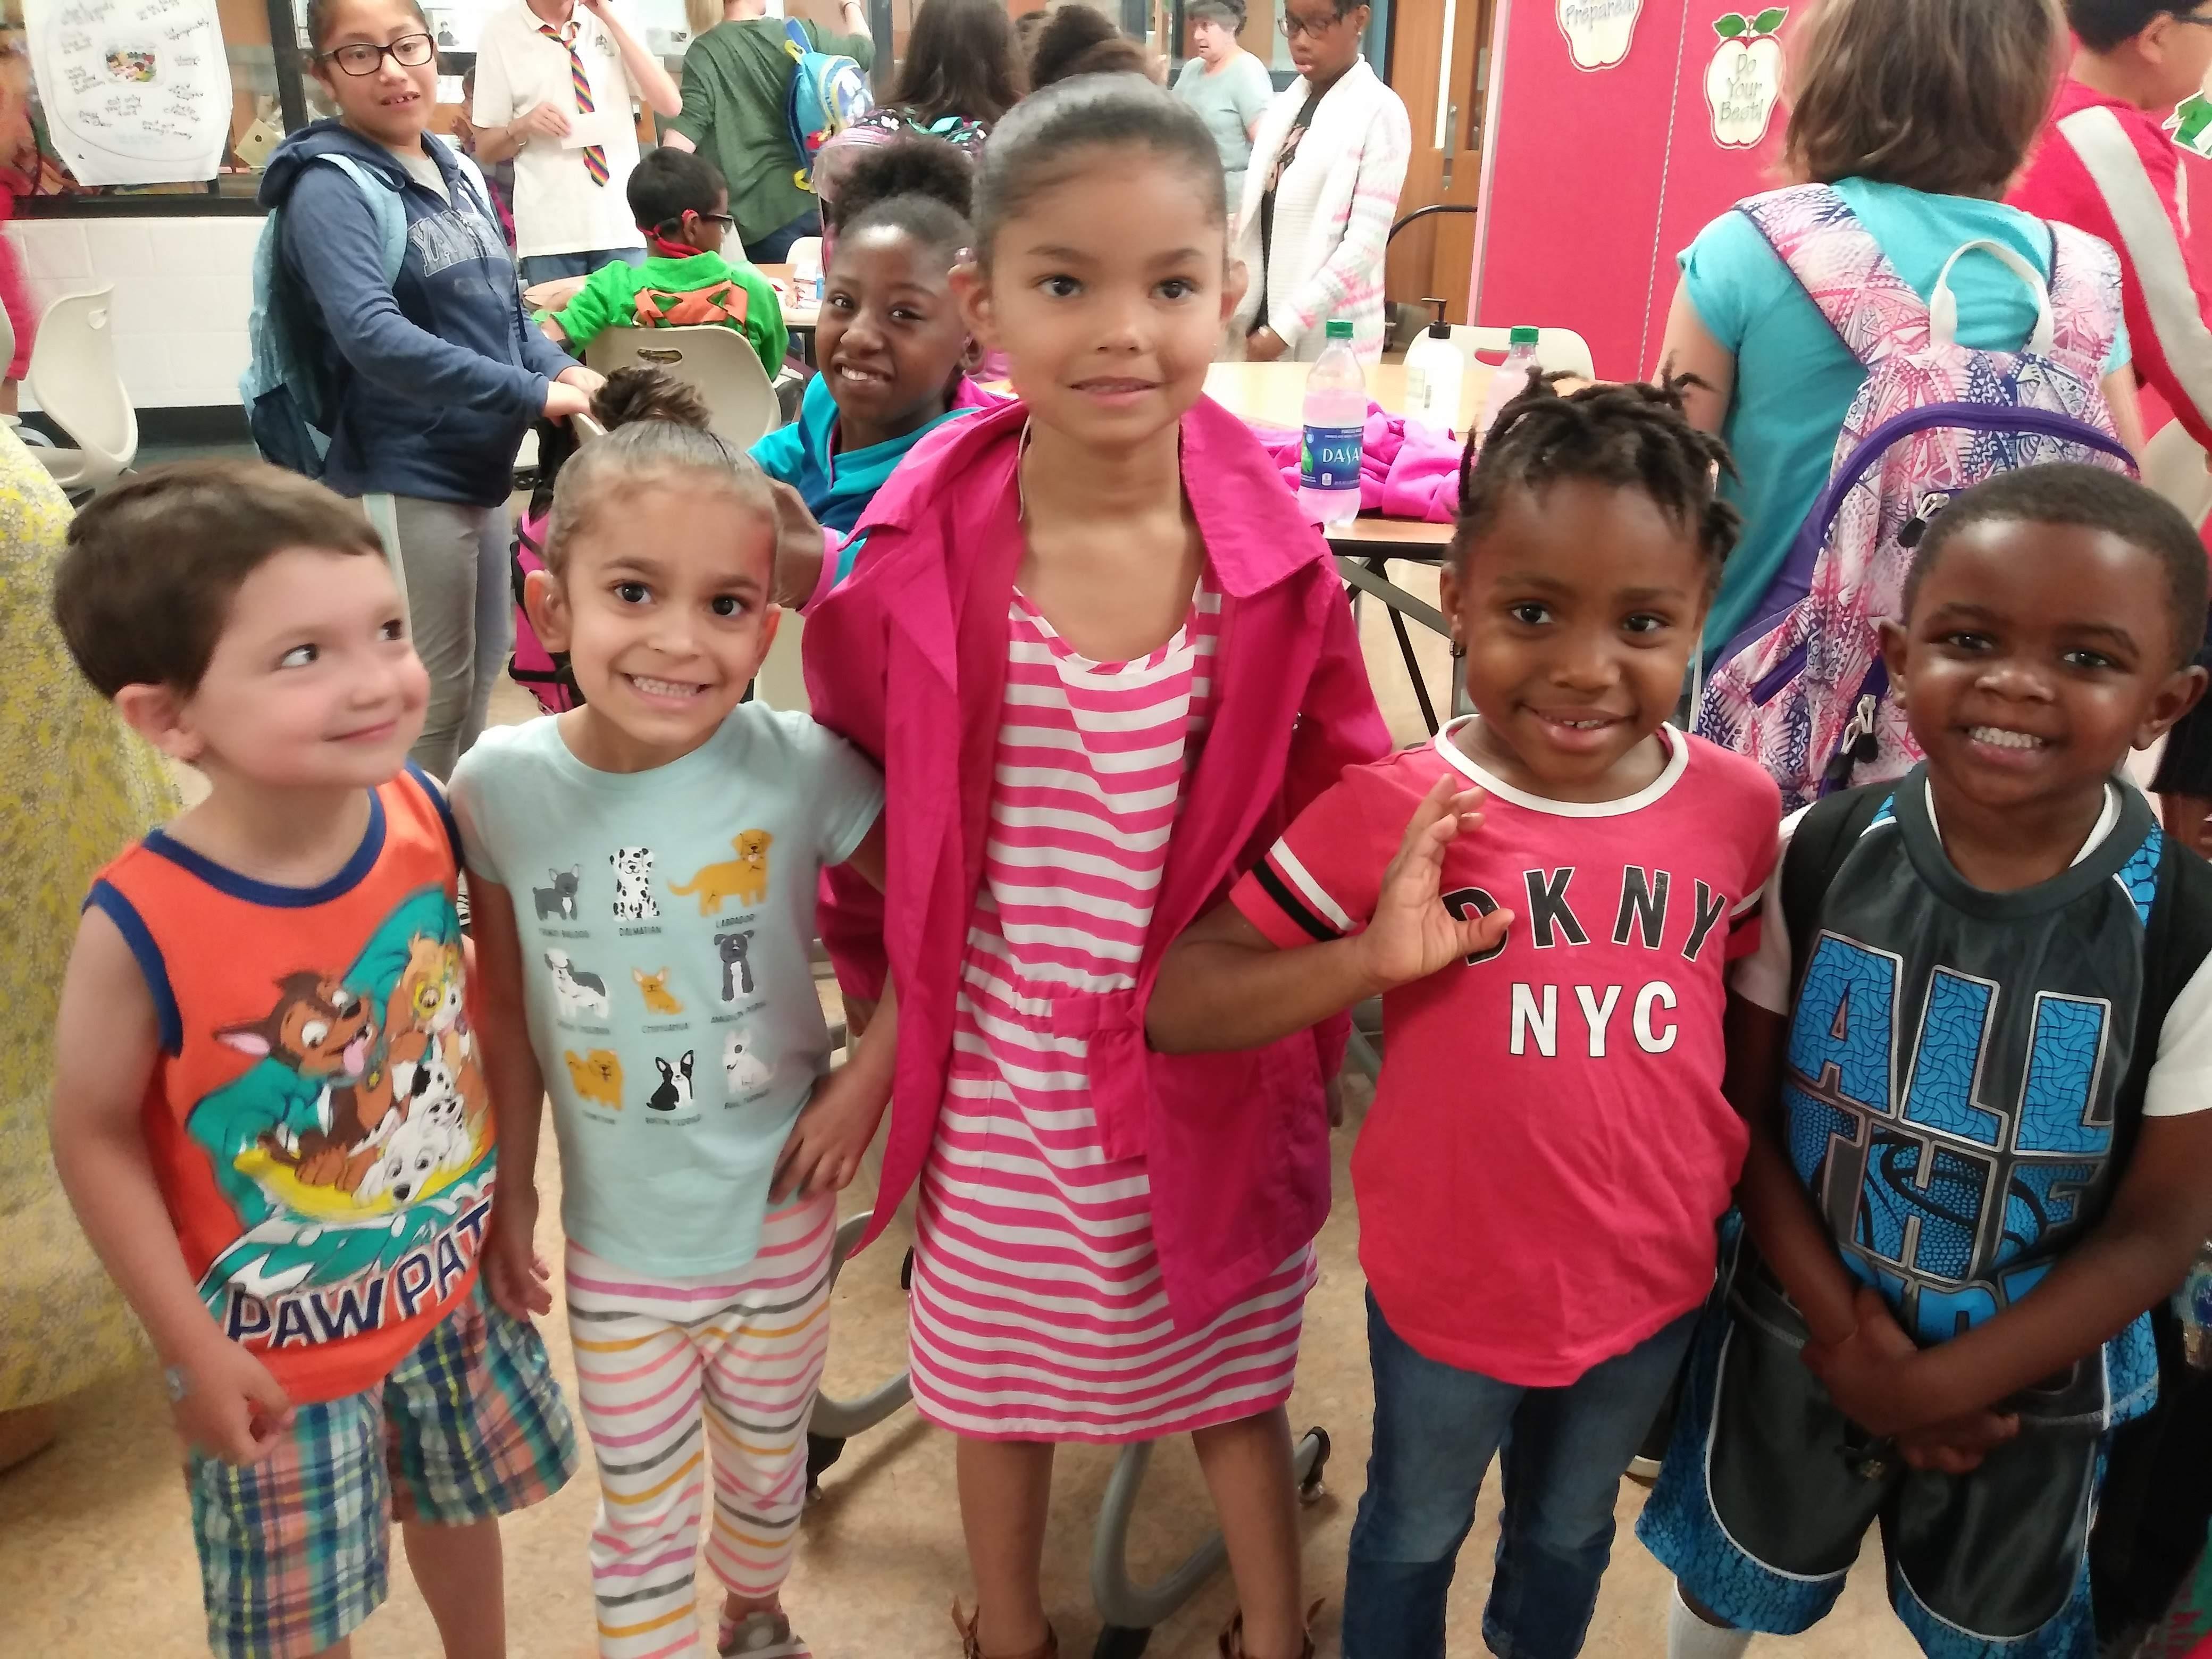 Five preschoolers standing together.